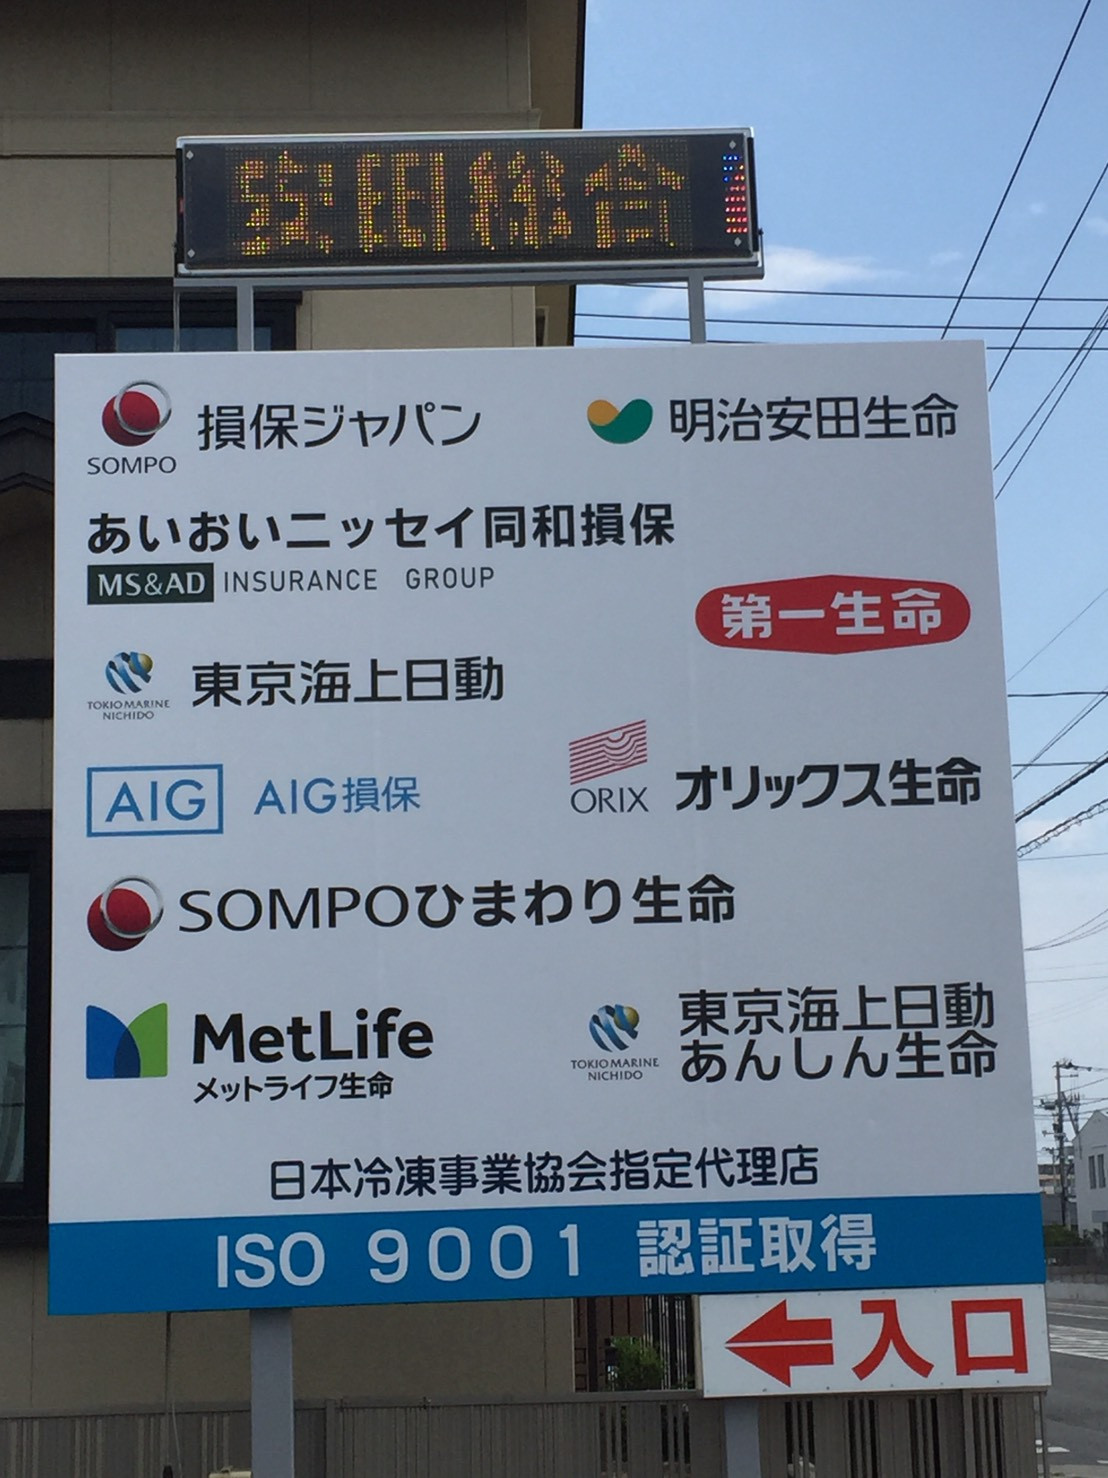 宮城県石巻市で安田総合は、日々お客様に最適な保険プランをご提案します